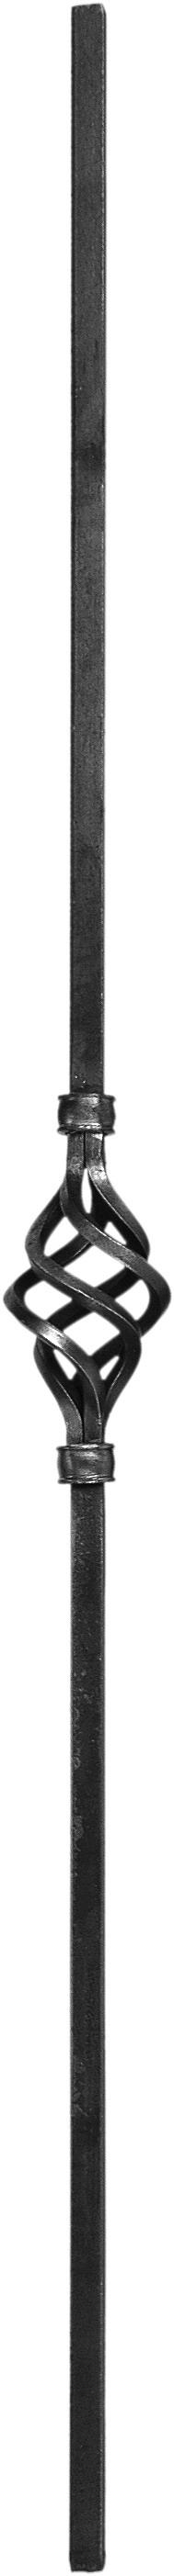 Barreaux en carré de 14 simple torsade H1000